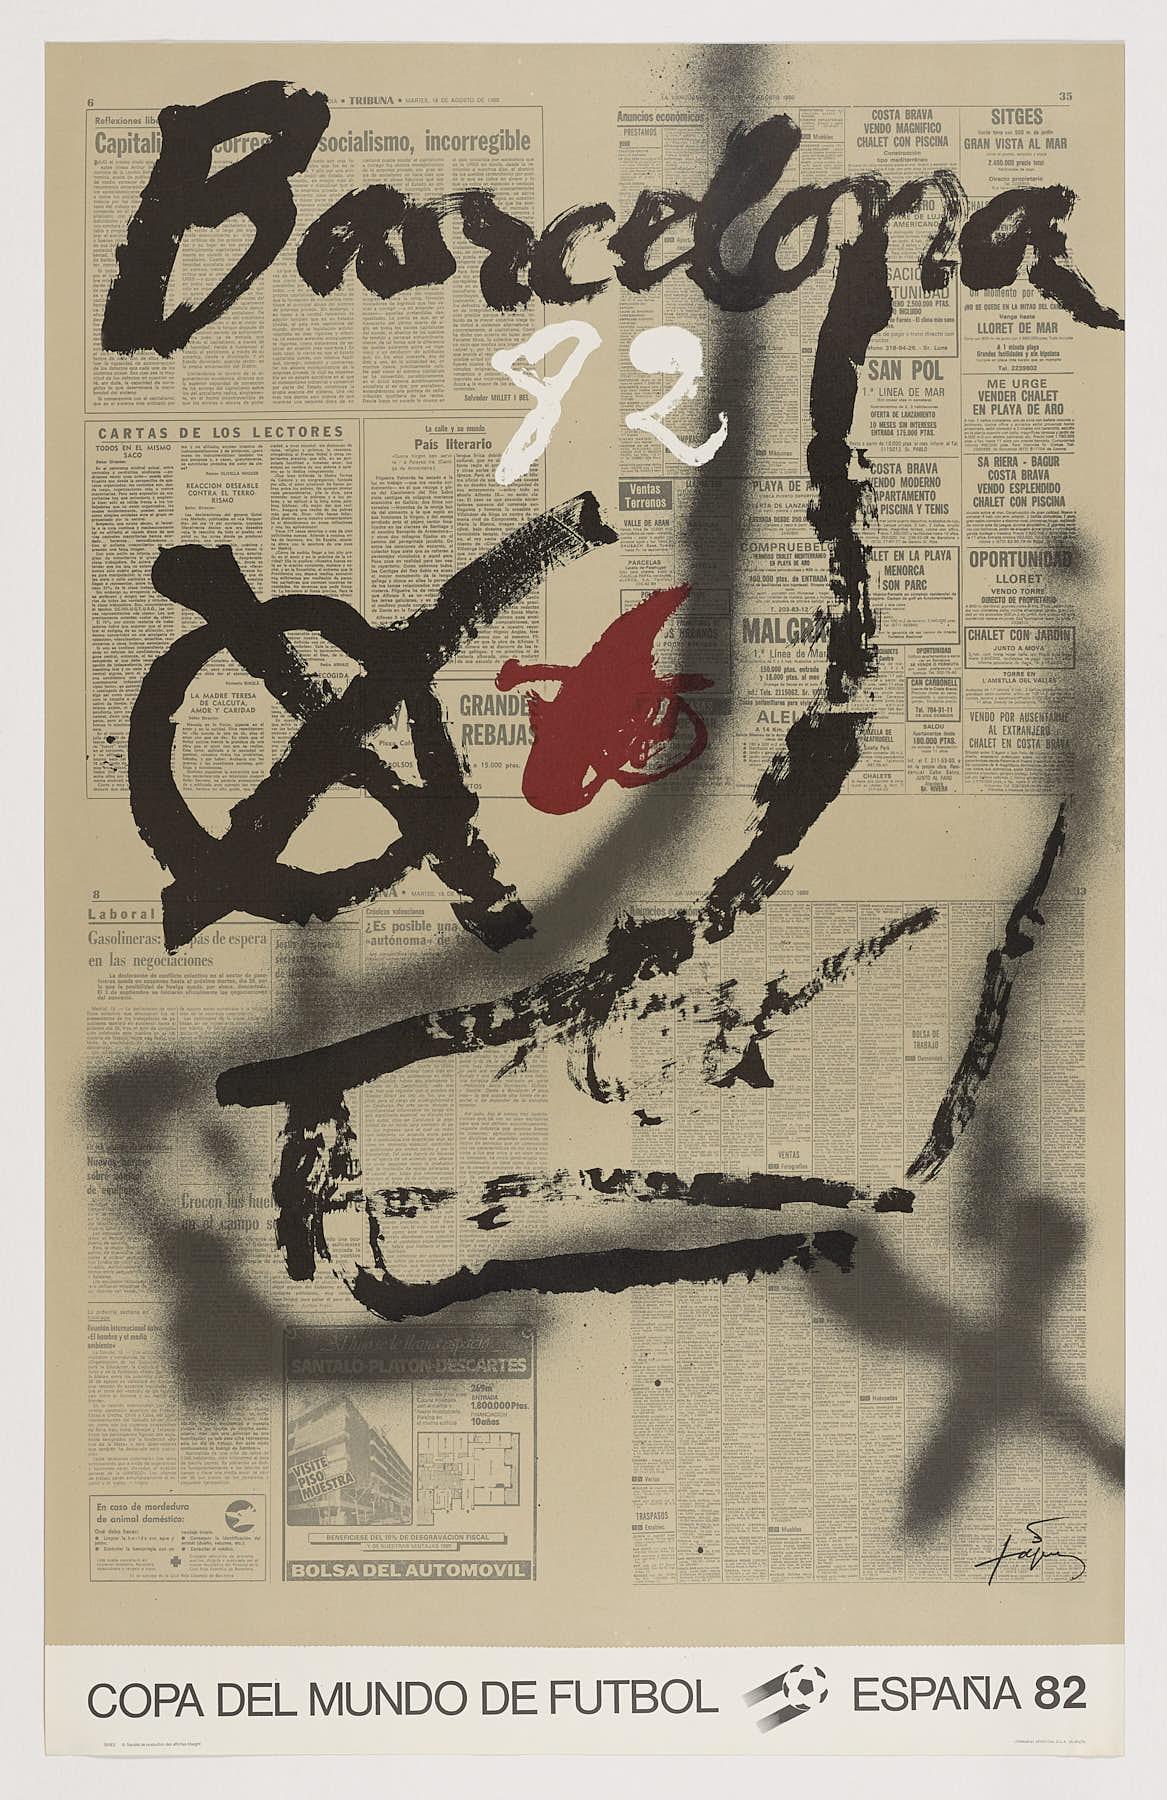 Mundial 82. Chut, 1982, Antoni Tàpies